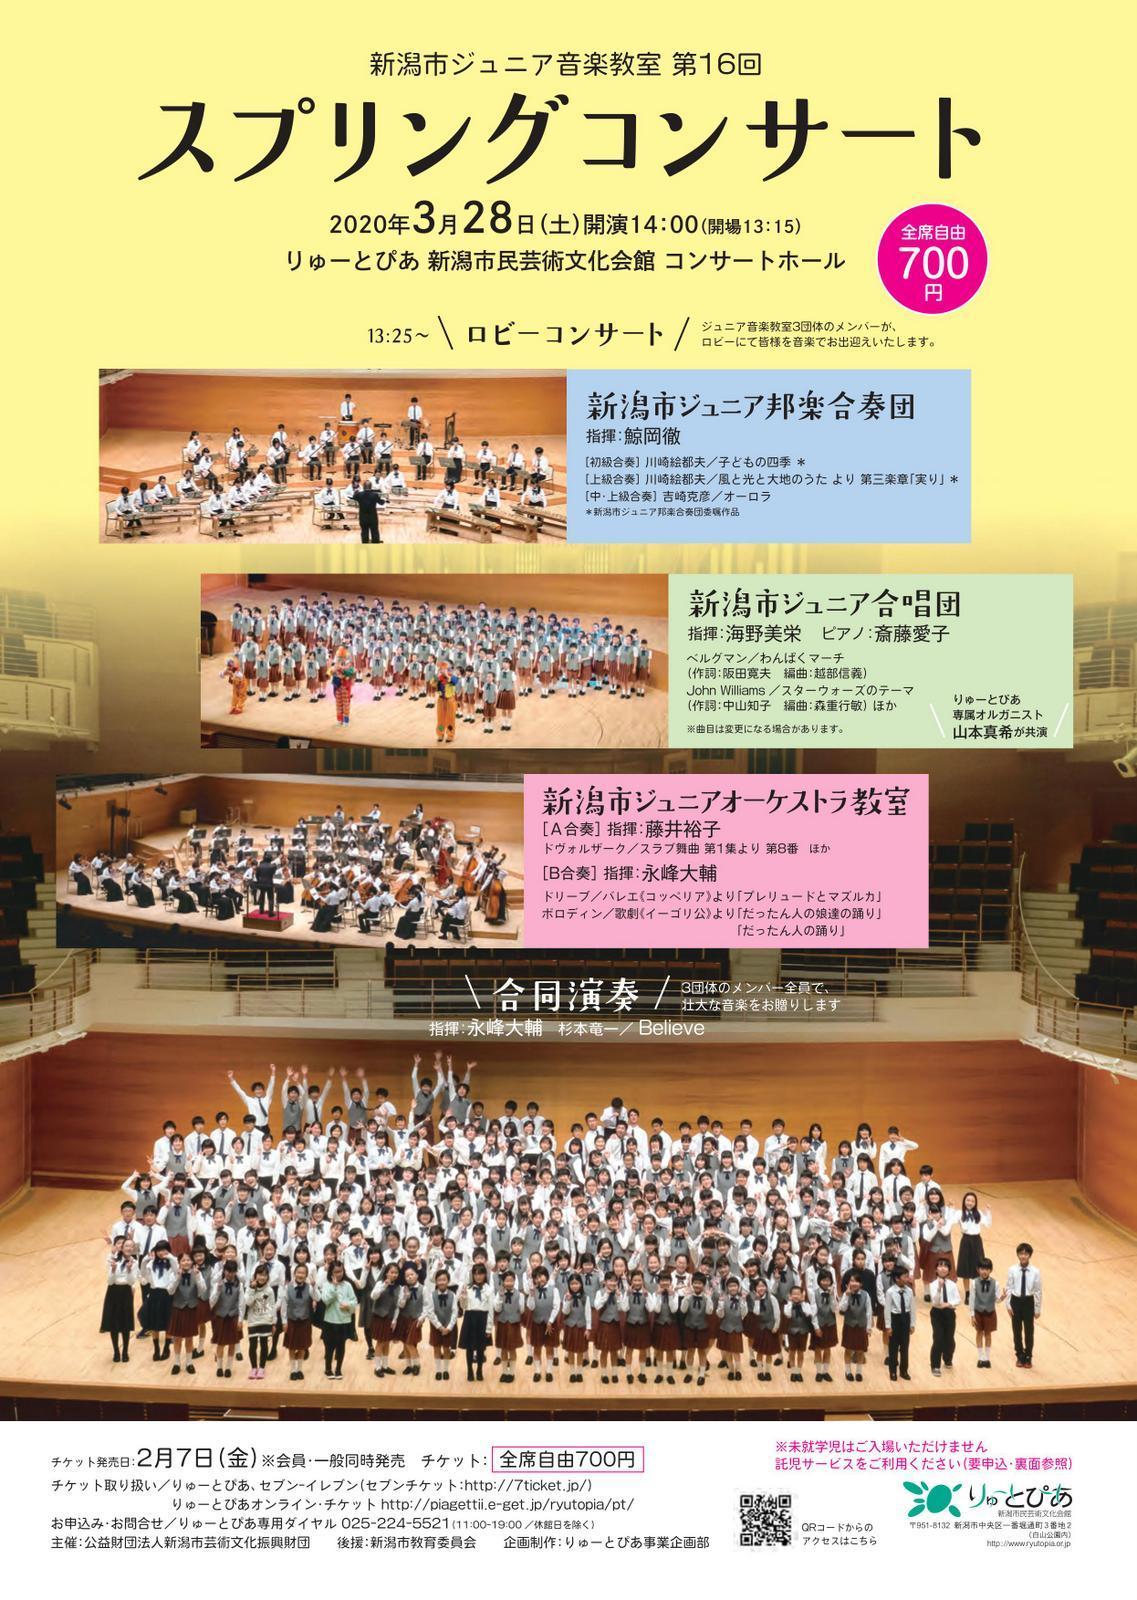 新潟ジュニアオーケストラさん、今年の曲目もすごい。_e0046190_18134827.jpg